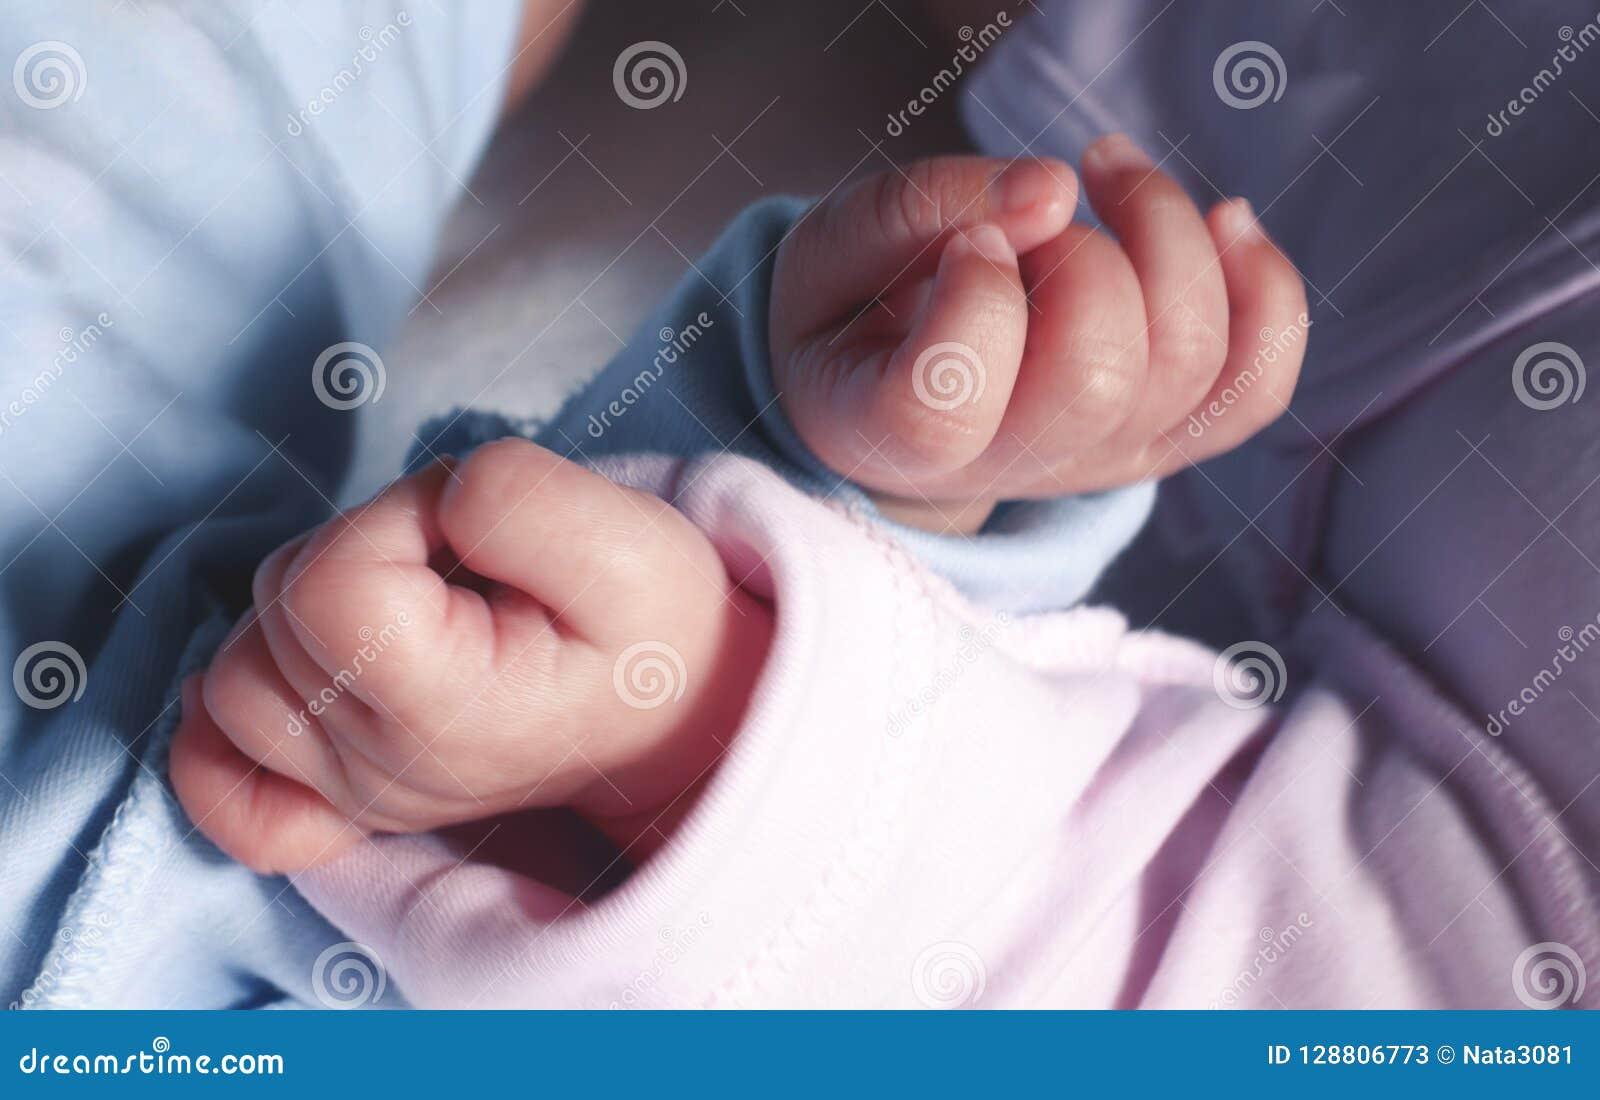 O ` s das crianças pequenas entrega próximo Conceito de família Apoio do irmão e da irmã junto Tonificação e borrão